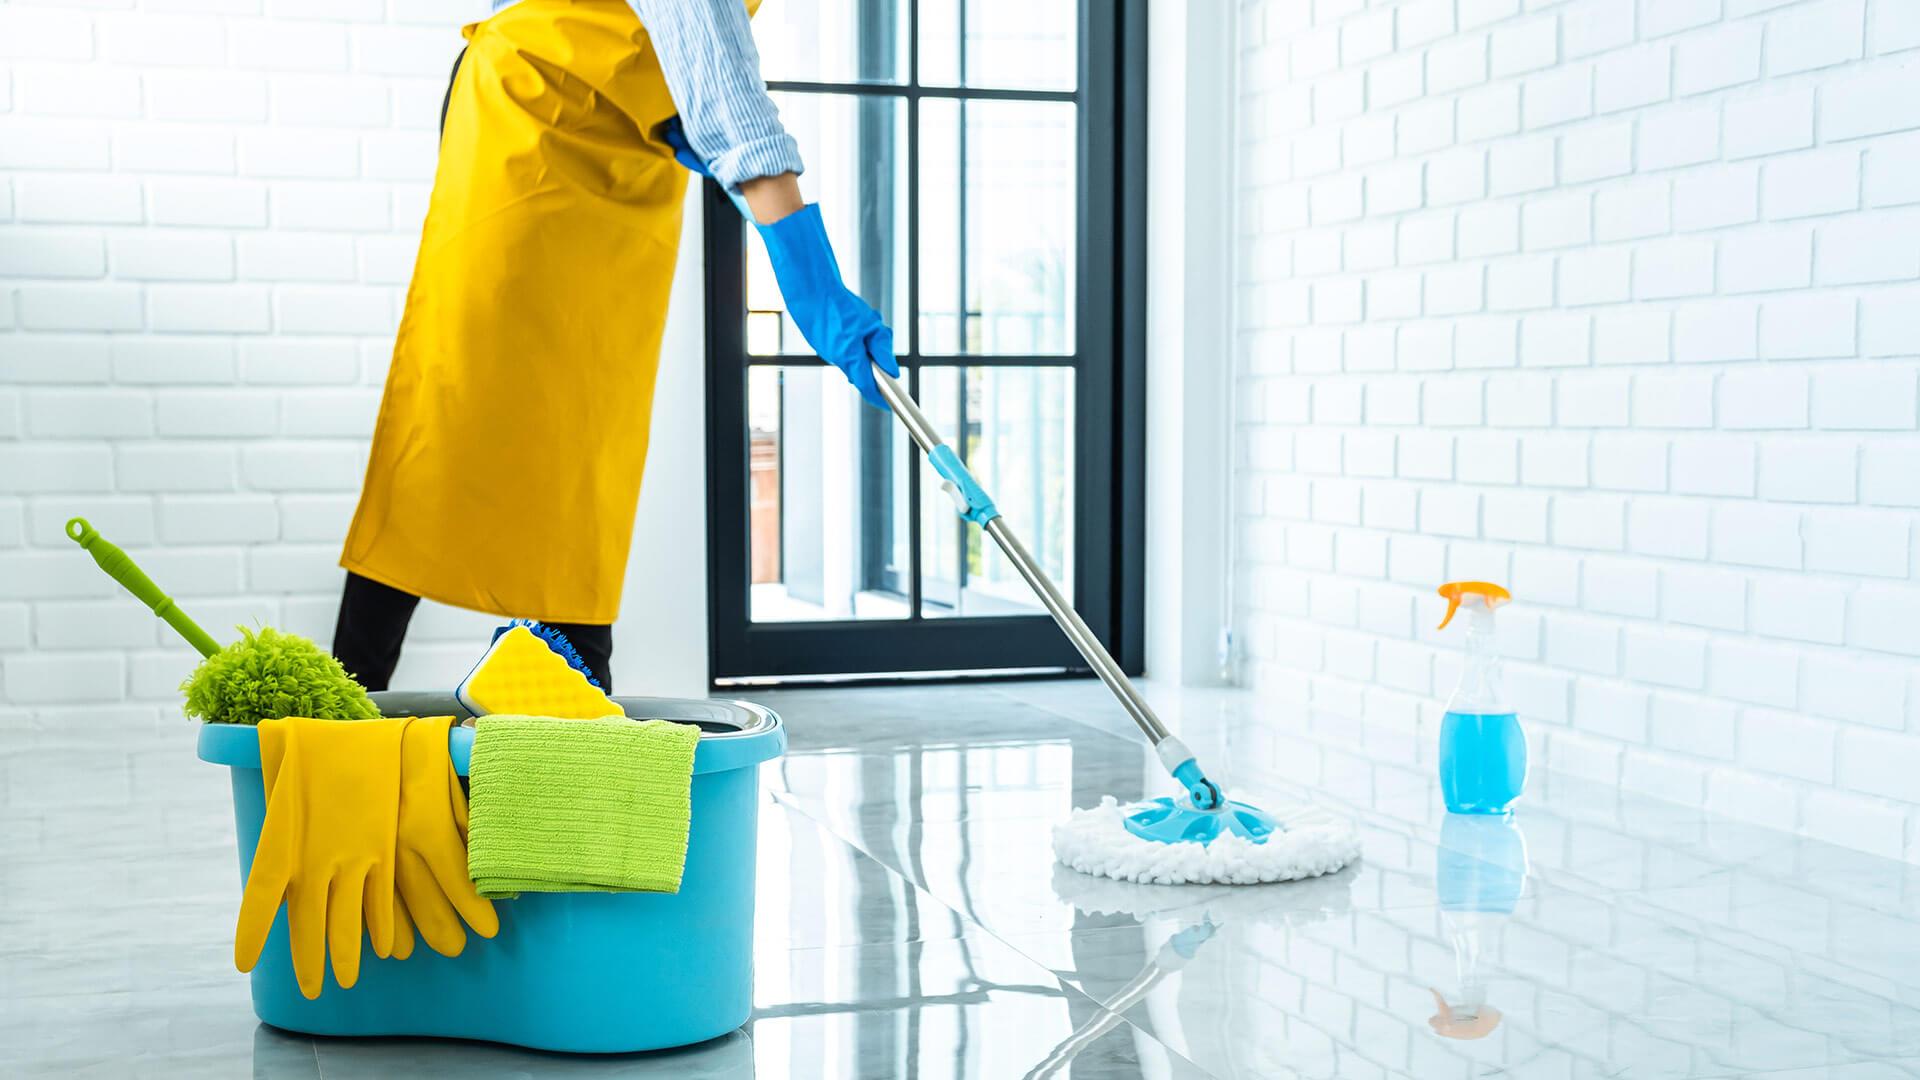 نور المدينة لخدمات التنظيف ومكافحة الحشرات بمكة Start-cleaning-company-dubai